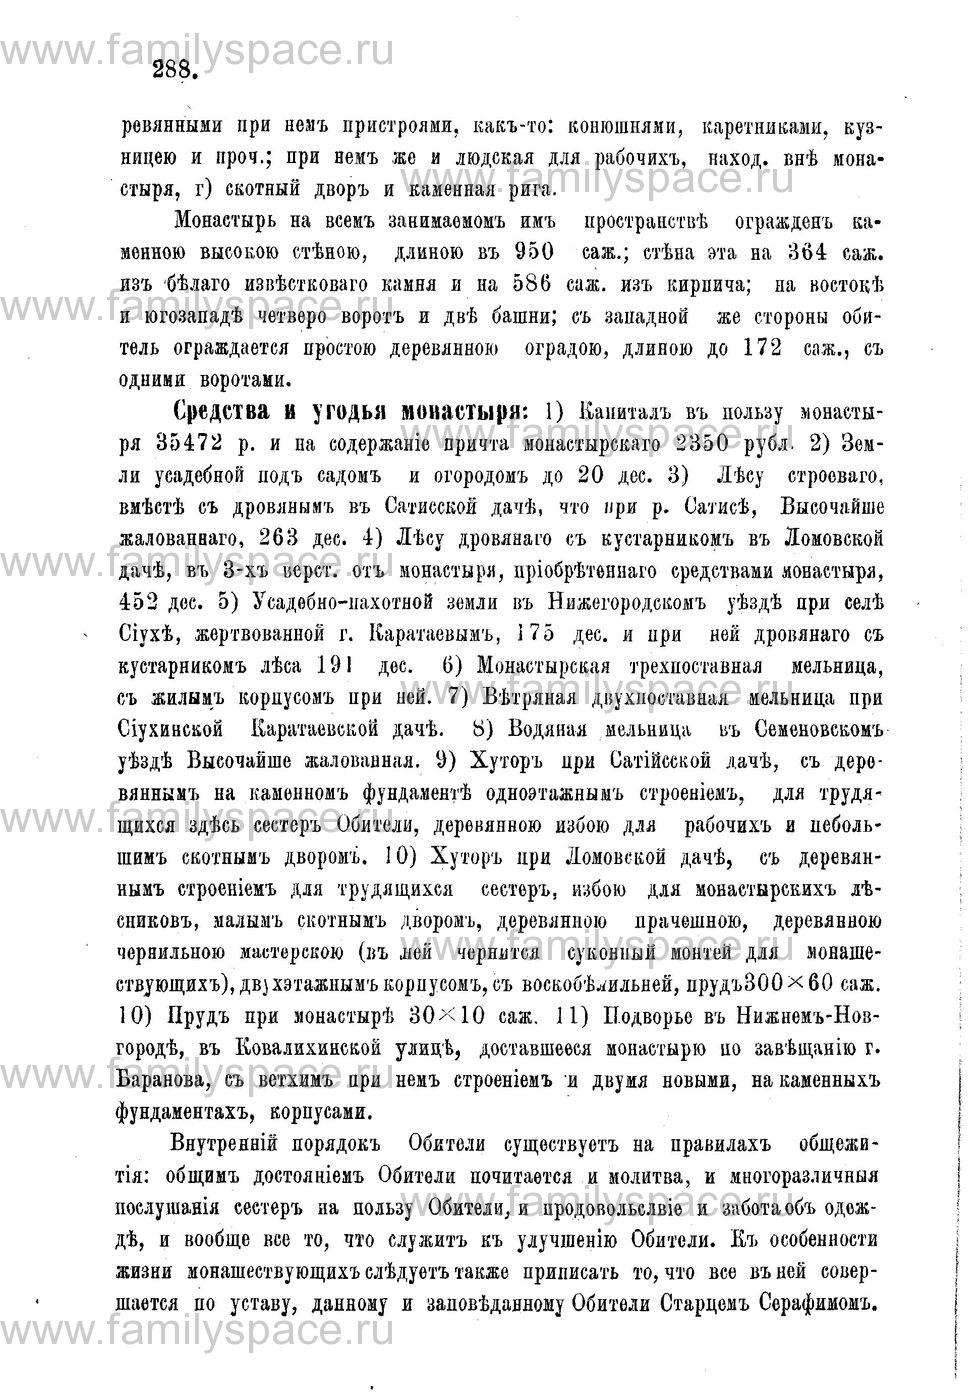 Поиск по фамилии - Адрес-календарь Нижегородской епархии на 1888 год, страница 1288